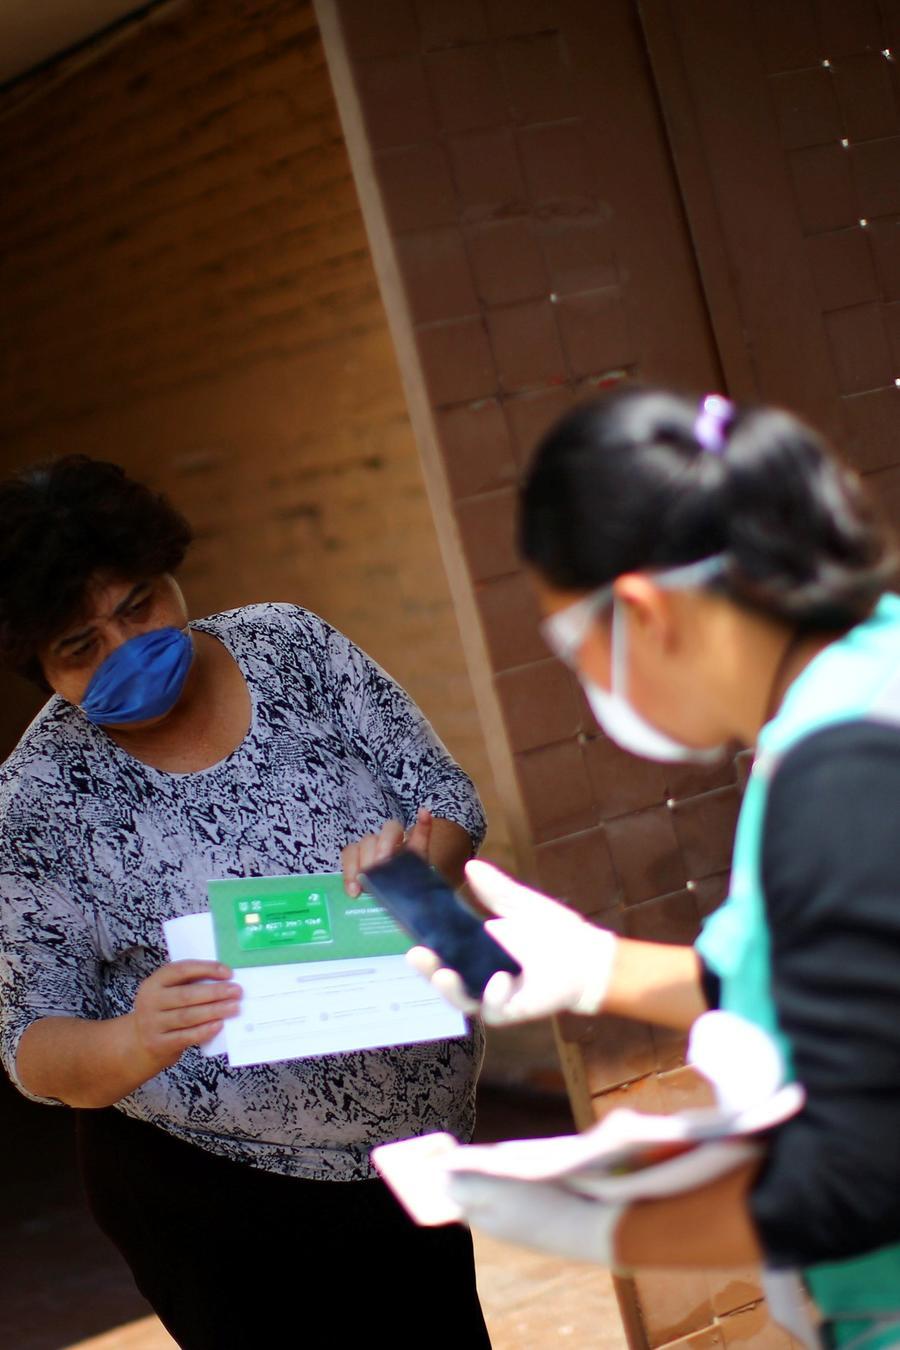 Greta, una mujer cuyo familiar fue diagnosticado con la enfermedad del coronavirus (COVID-19), recibe un kit de suministros médicos y otro con alimentos, durante el brote de COVID-19, en la Ciudad de México, México, 7 de abril de 2020.